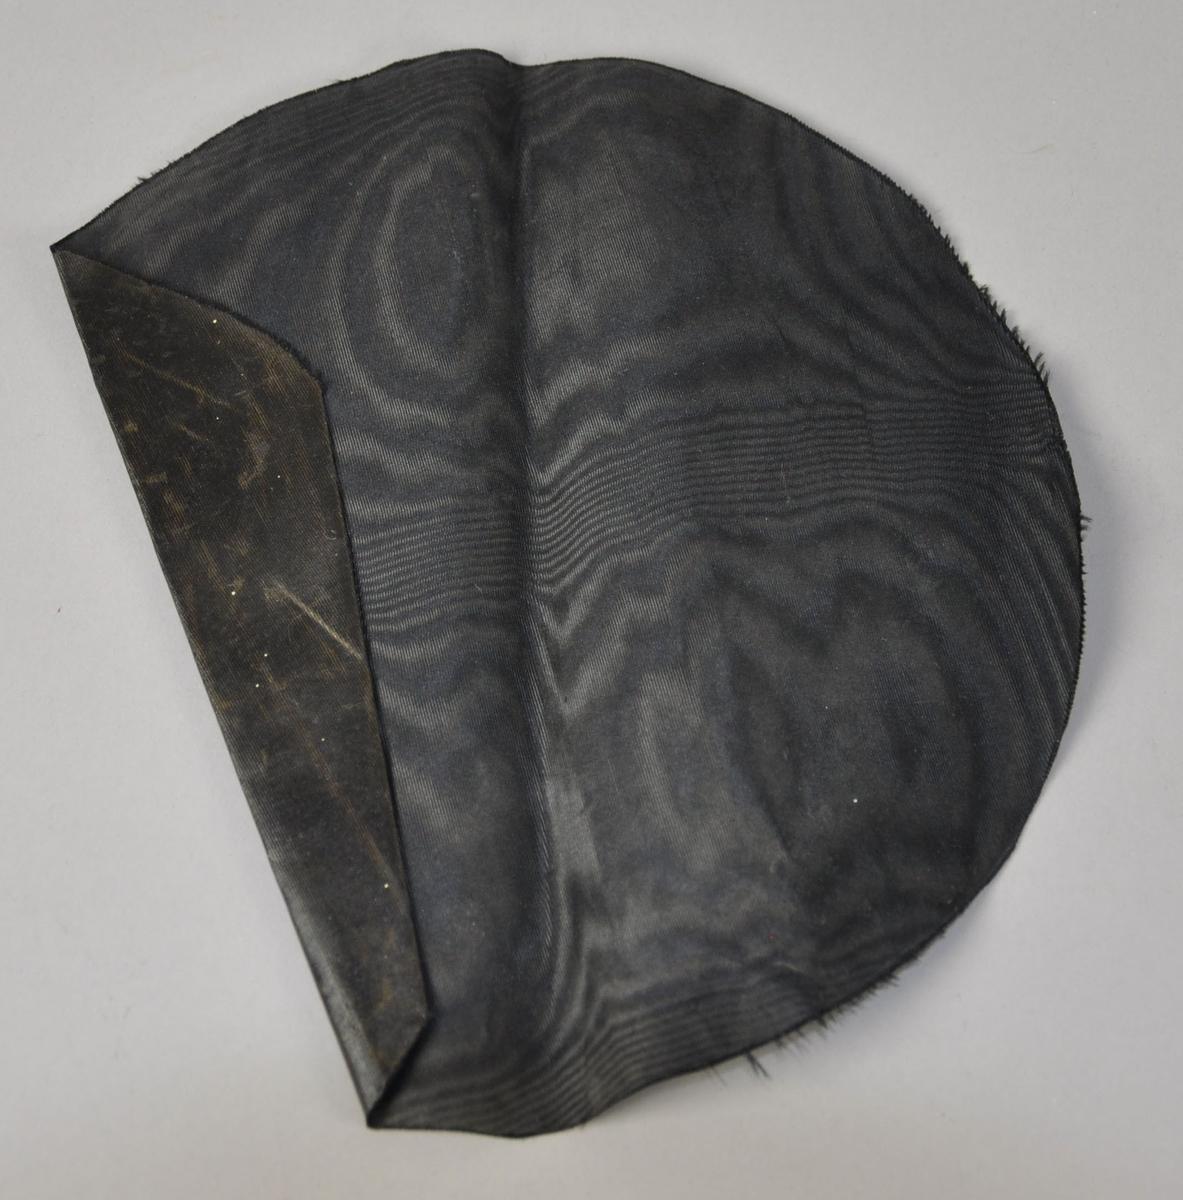 Rundt hattefor av svart silke. Stoffet har merker etter bretting.